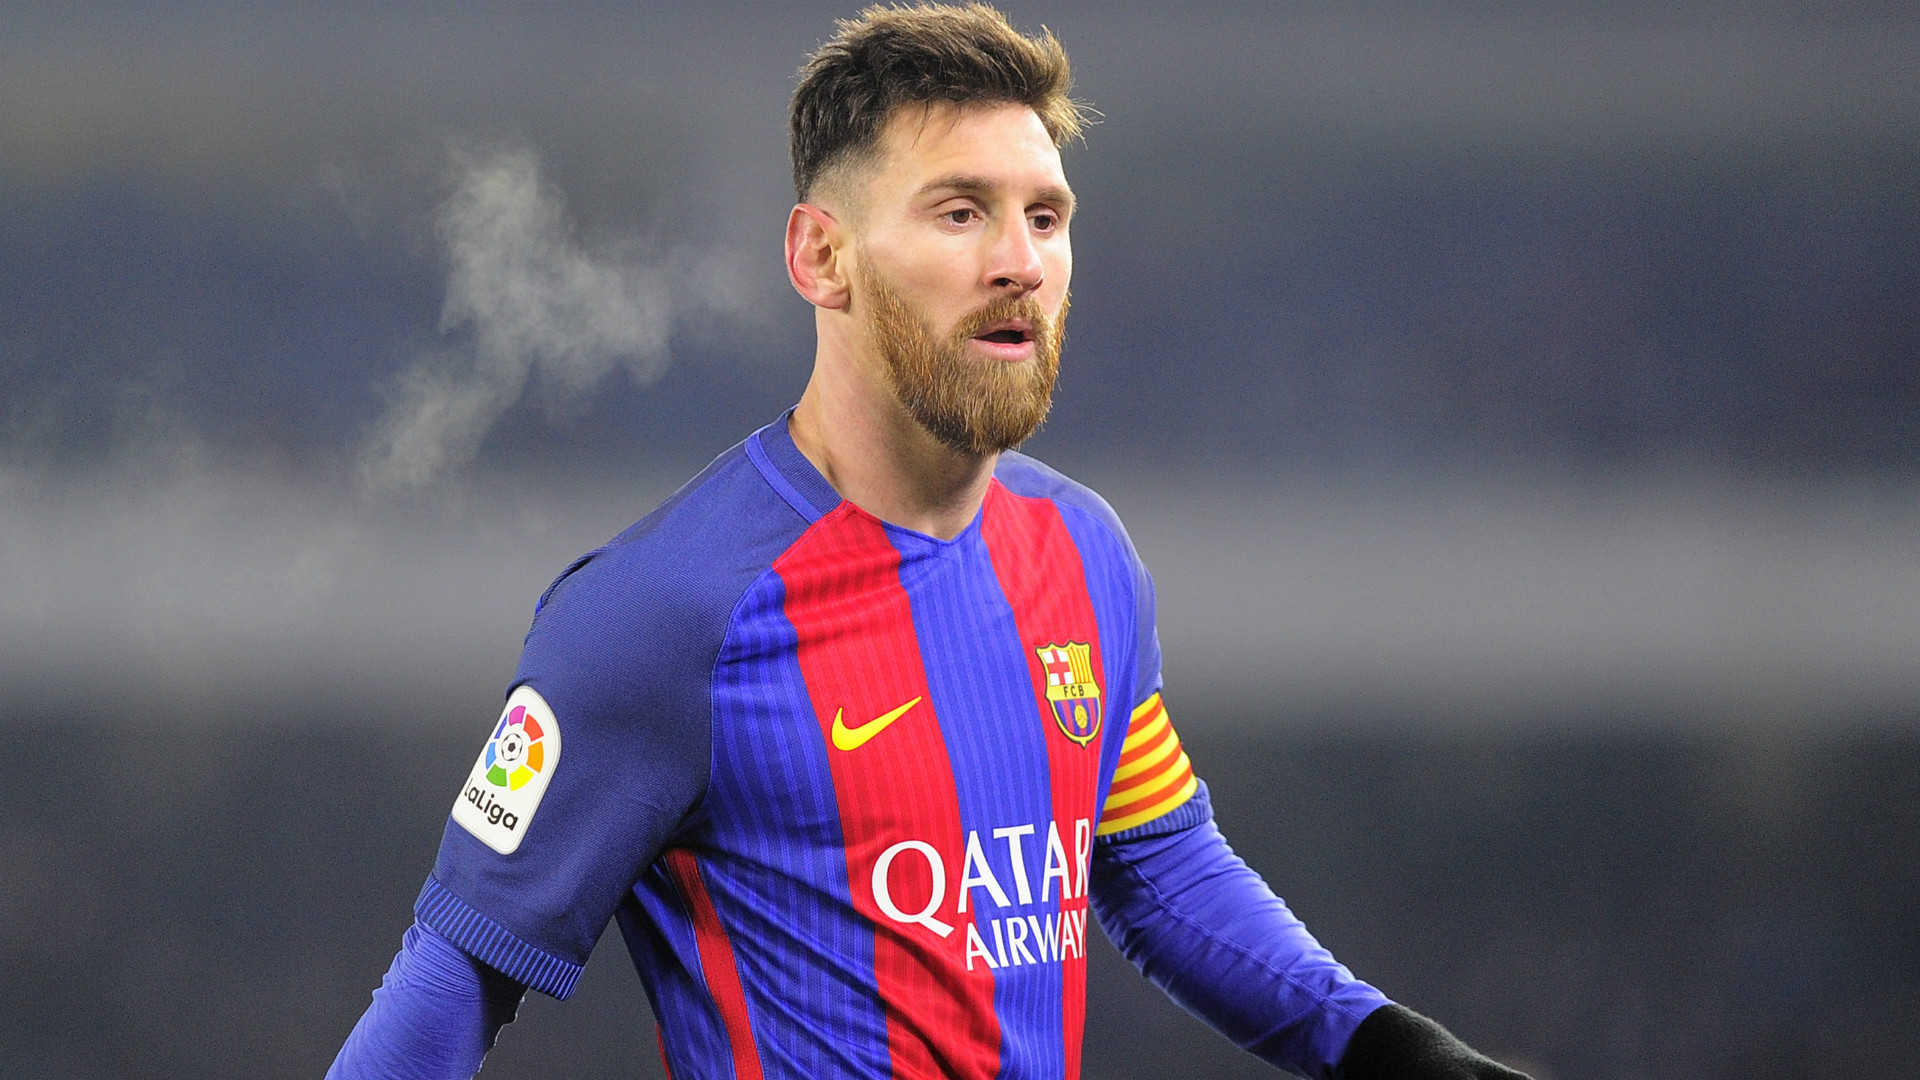 Leo Messi Real Sociedad Barcelona Copa del Rey